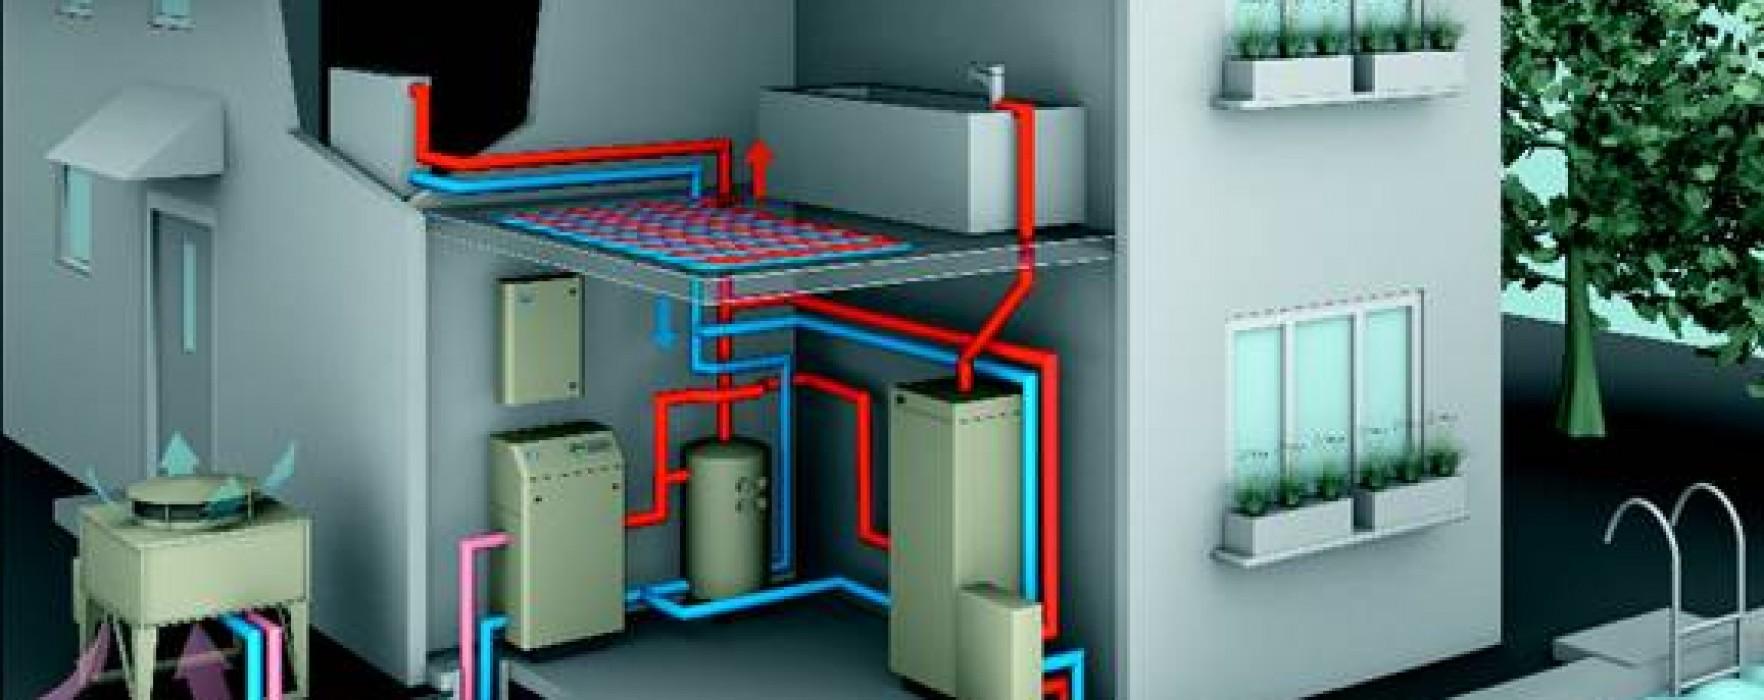 Pompa Di Calore Ventilconvettori pompe di calore e case prefabbricate